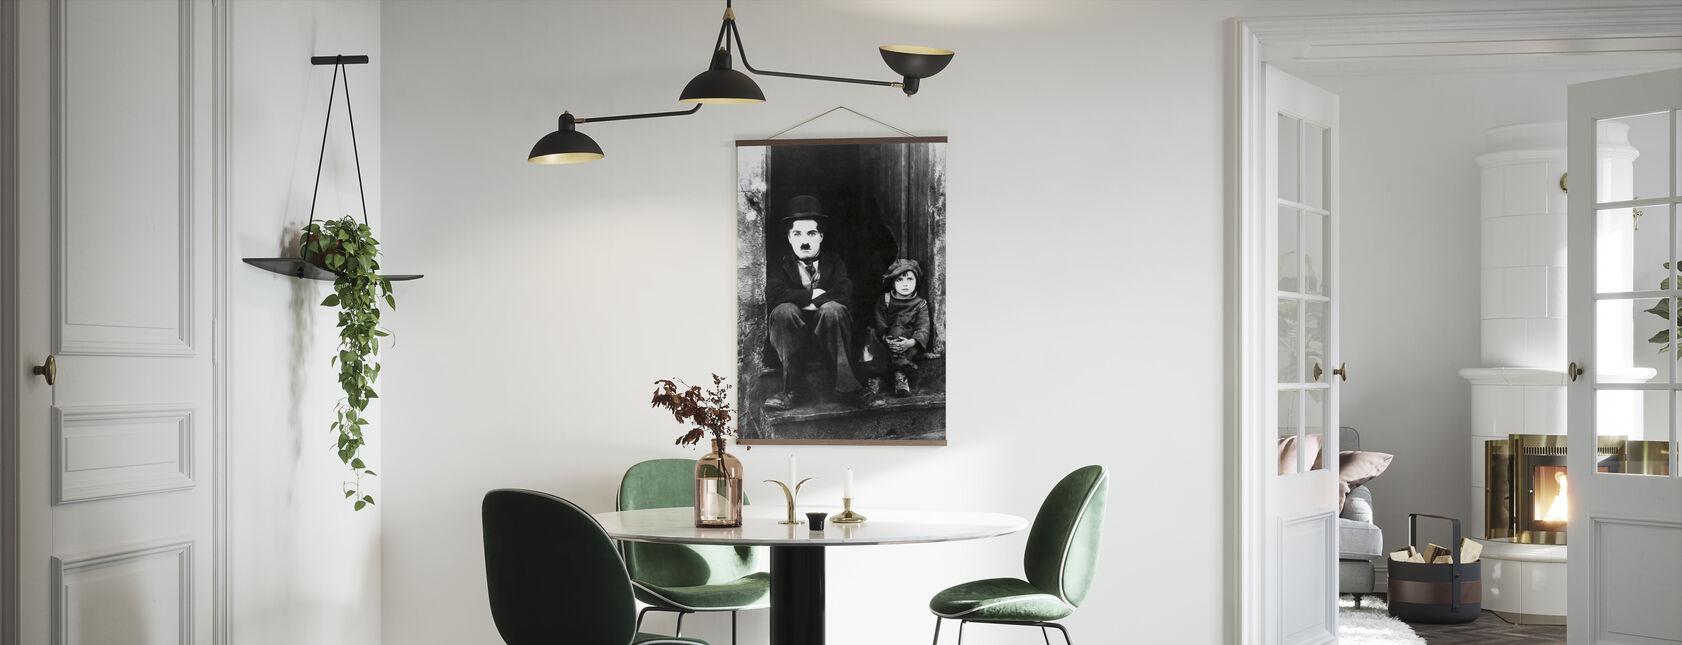 Charlie Chaplin og Jackie Coogan - Plakat - Kjøkken